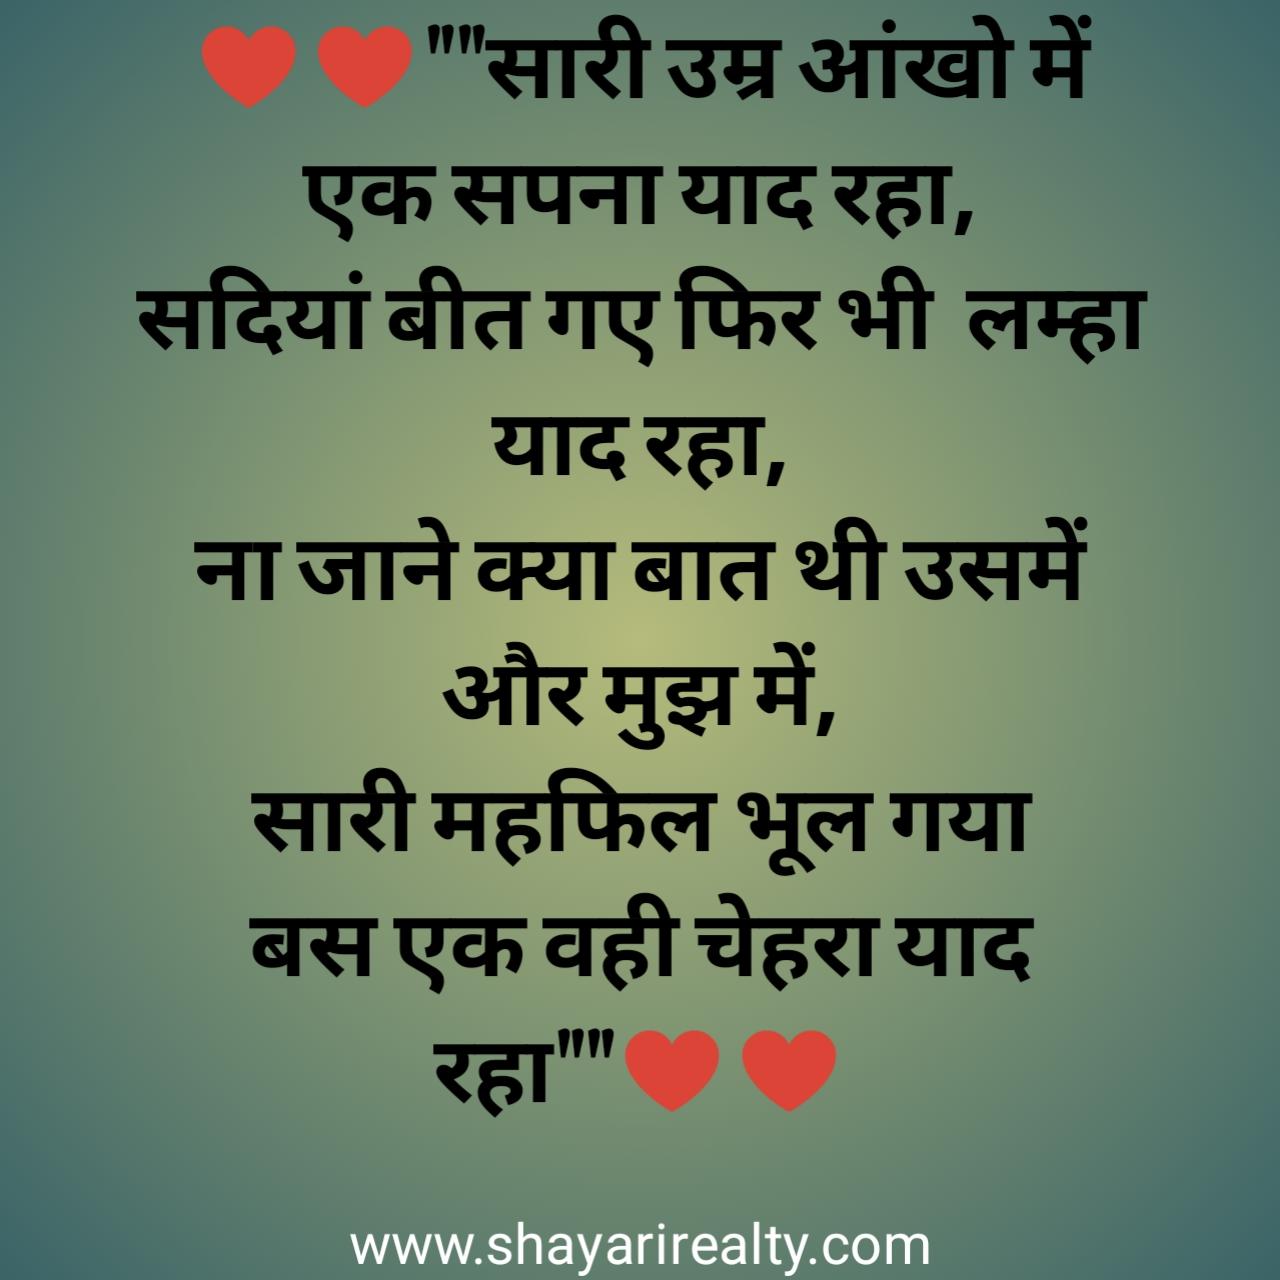 Love shayari, hindi love shayari